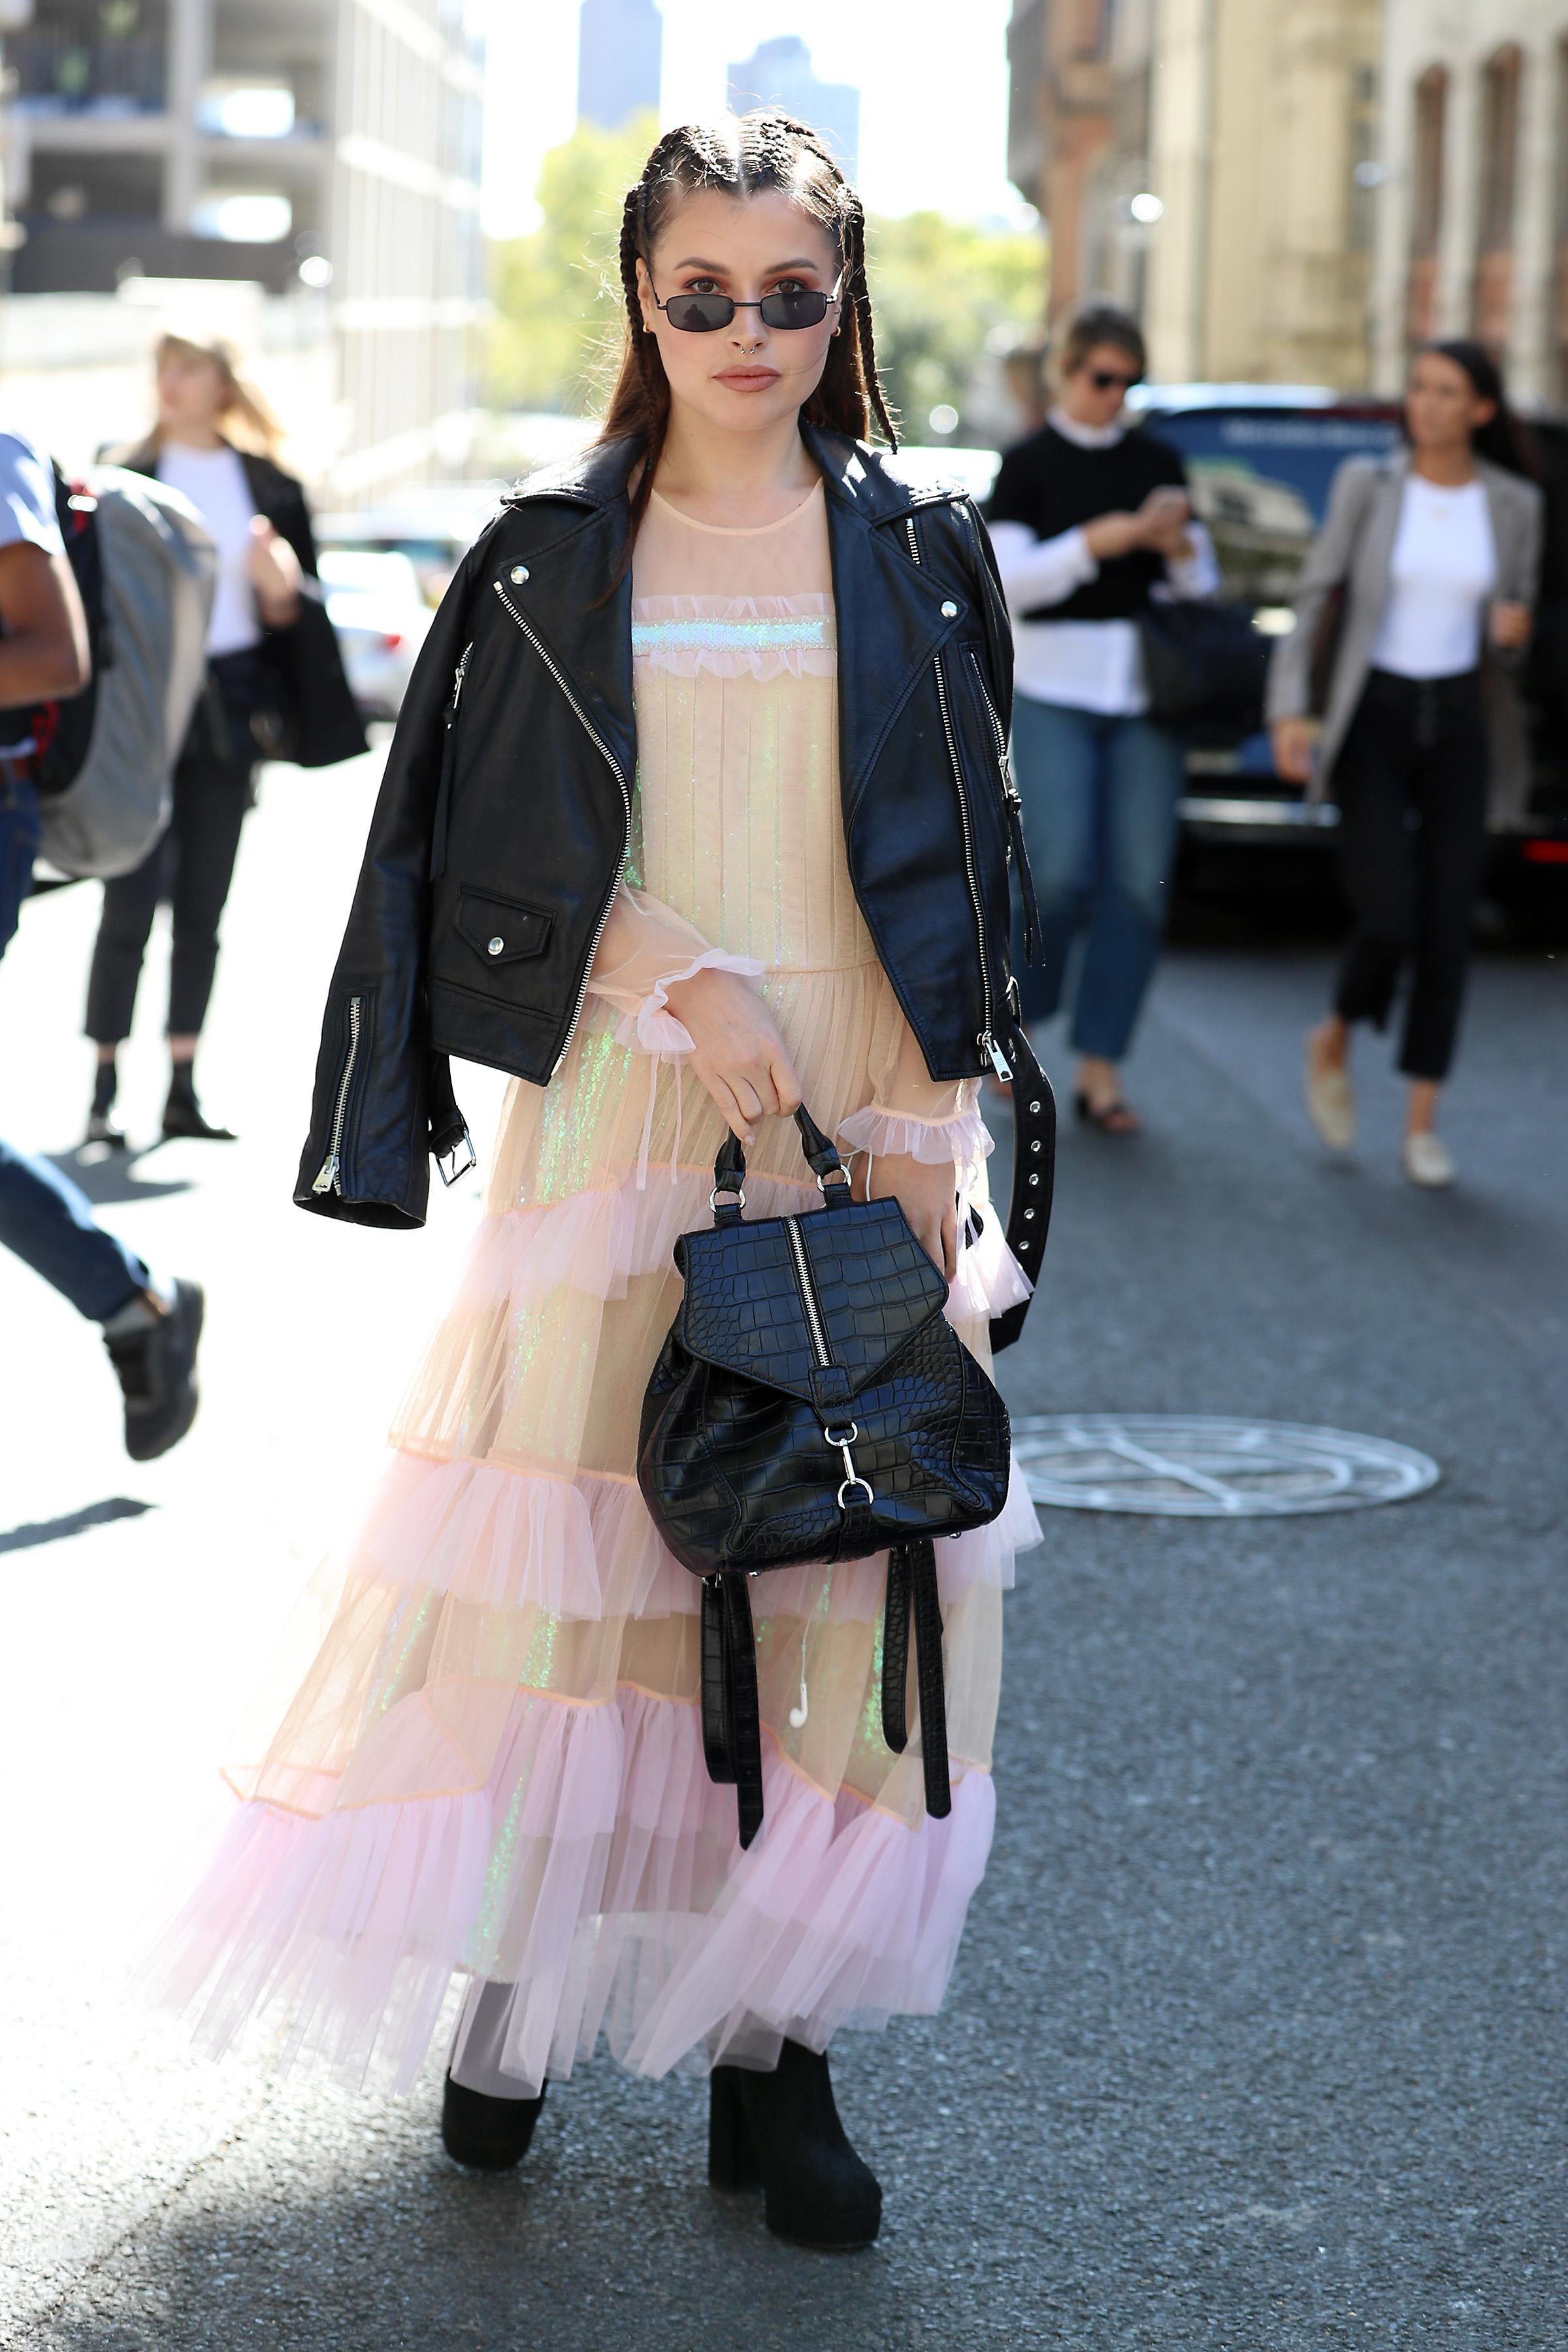 キャンディーカラーのファンシーなドレスには、ブラックアイテムをオン。対極の色を合わせることでコントラストが出て、全体が引き締まった印象に。足元はスニーカーに切り替えても可愛い。